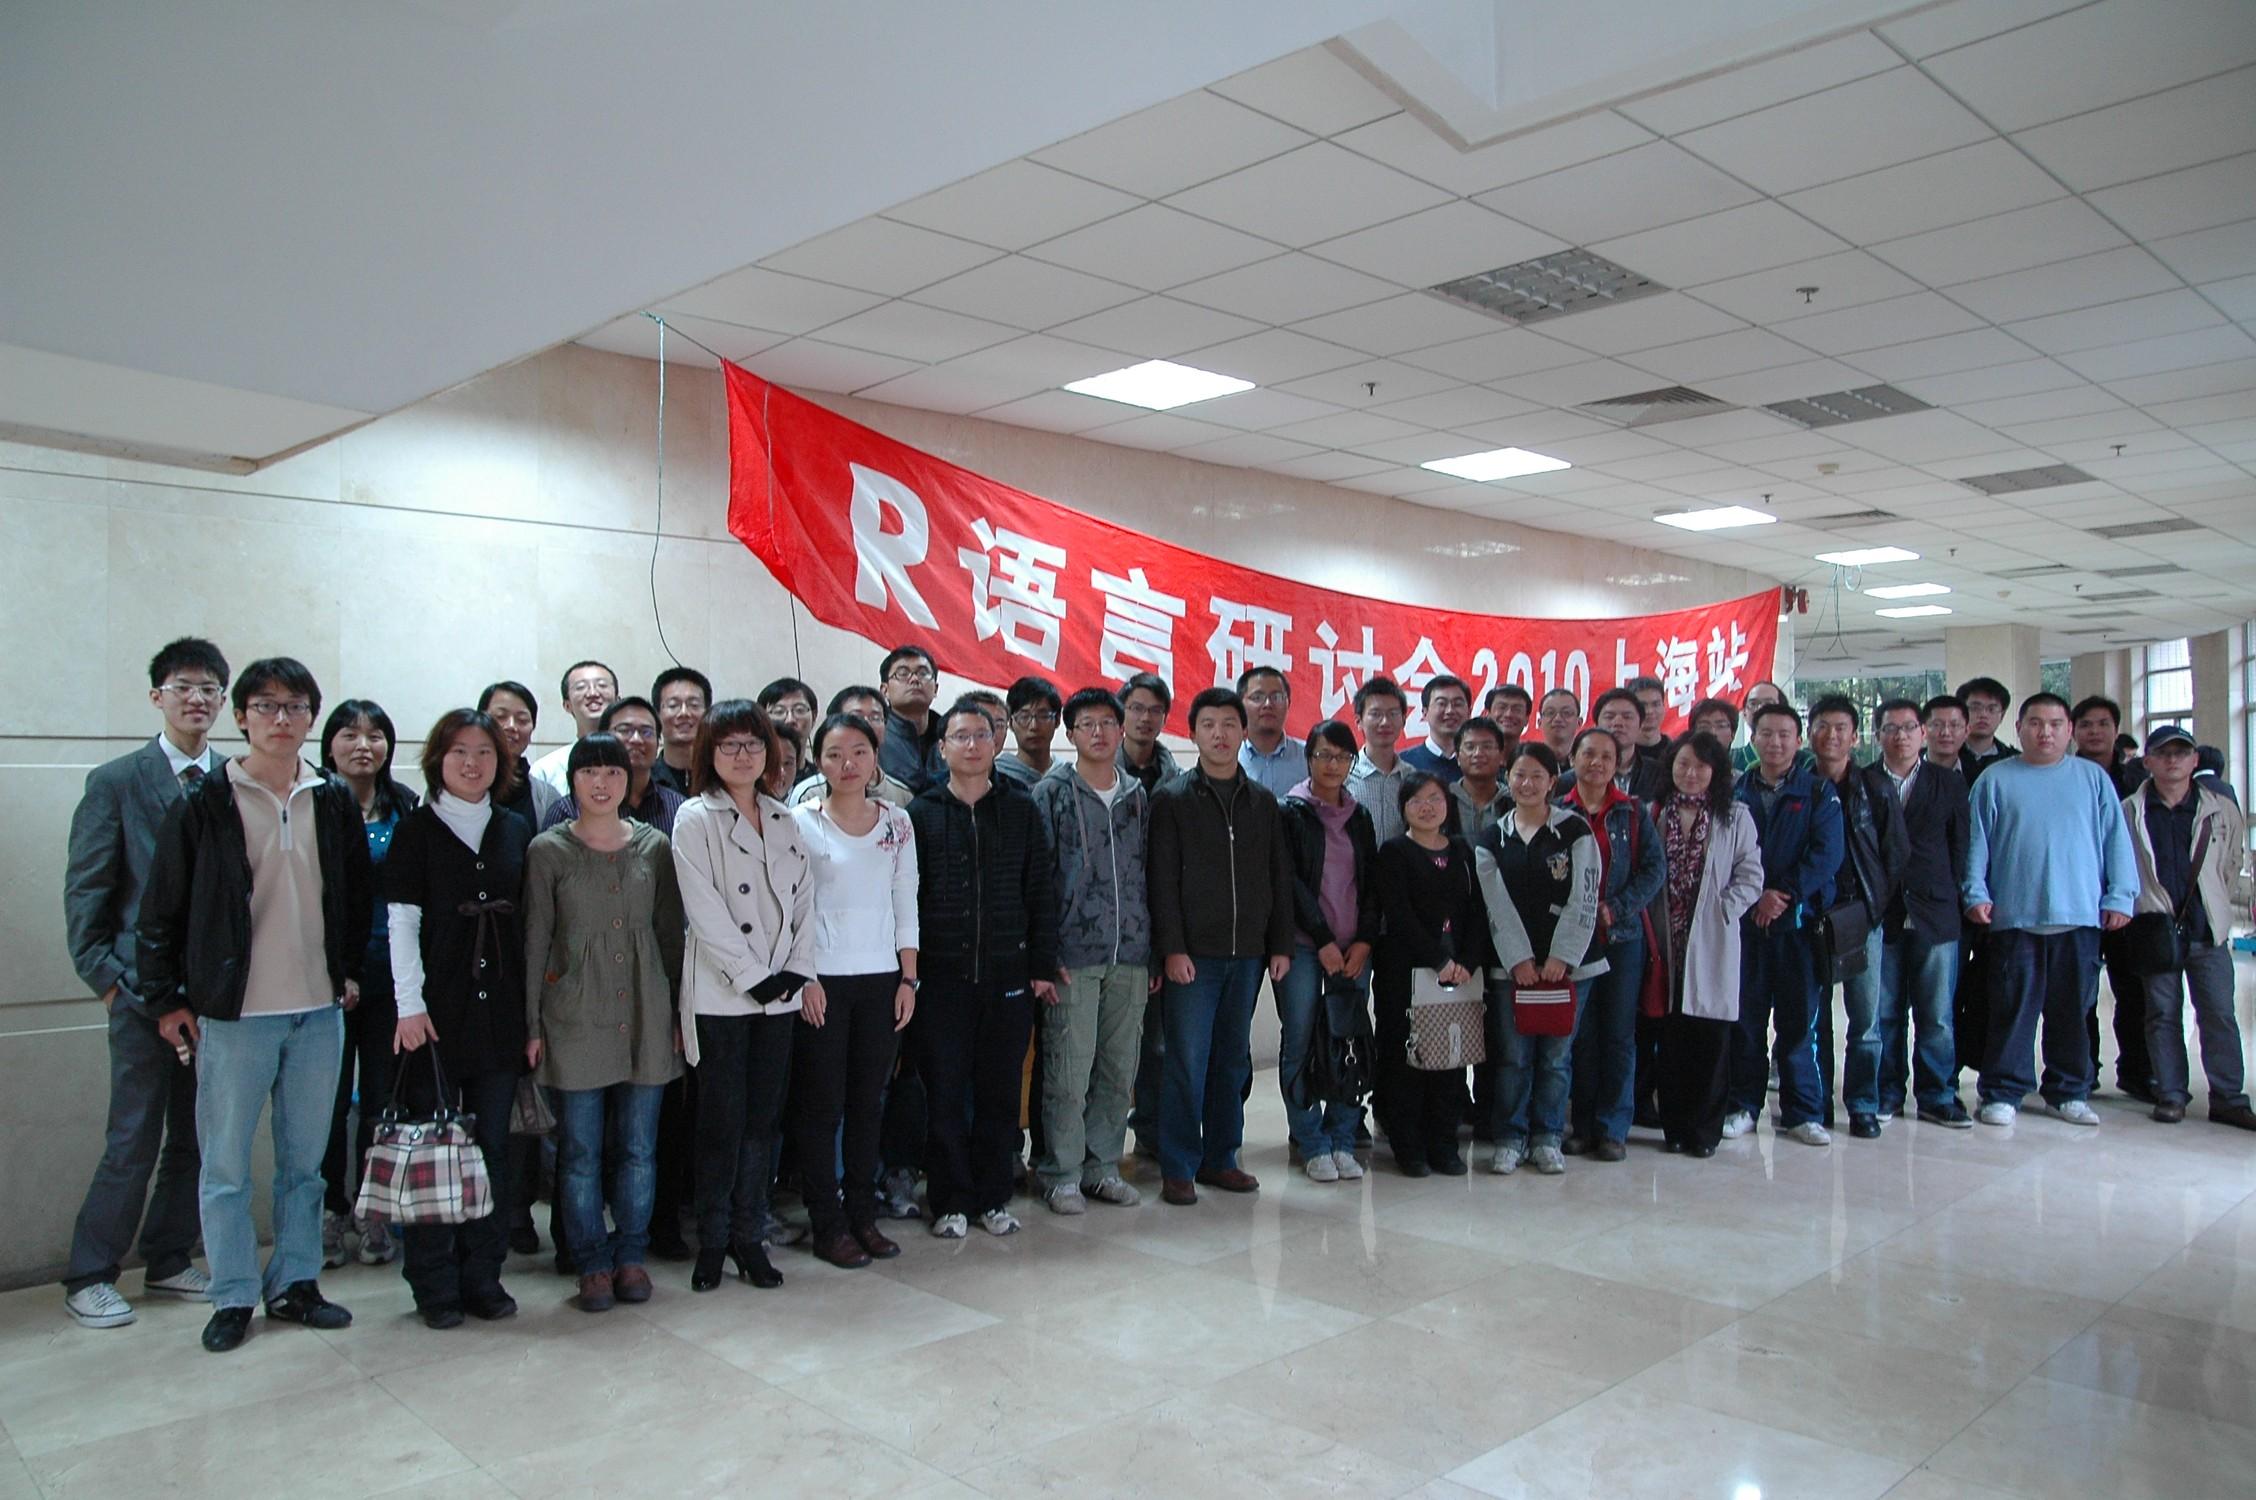 第三届中国R语言会议上海会场合影1